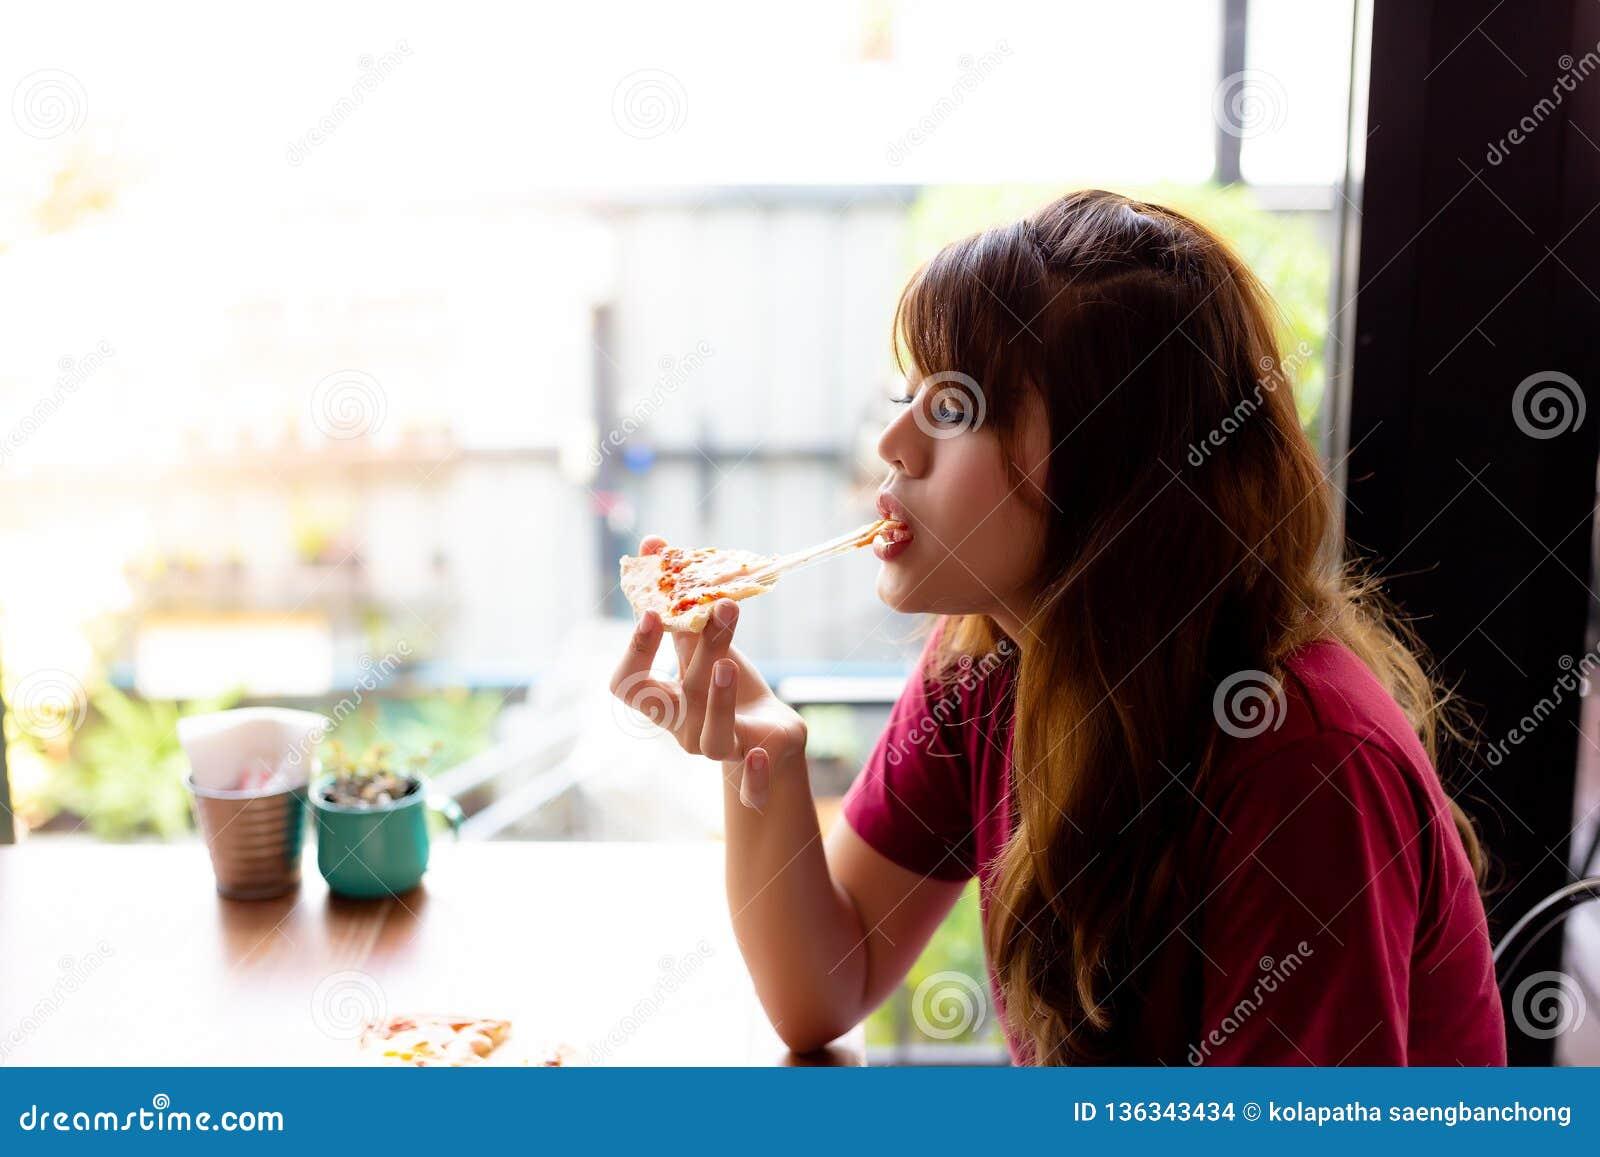 Η όμορφη ασιατική γυναίκα αγαπά να φάει την πίτσα και να απολαύσει το γούστο του τυριού μοτσαρελών τόσο πολύ Η γοητεία της όμορφη